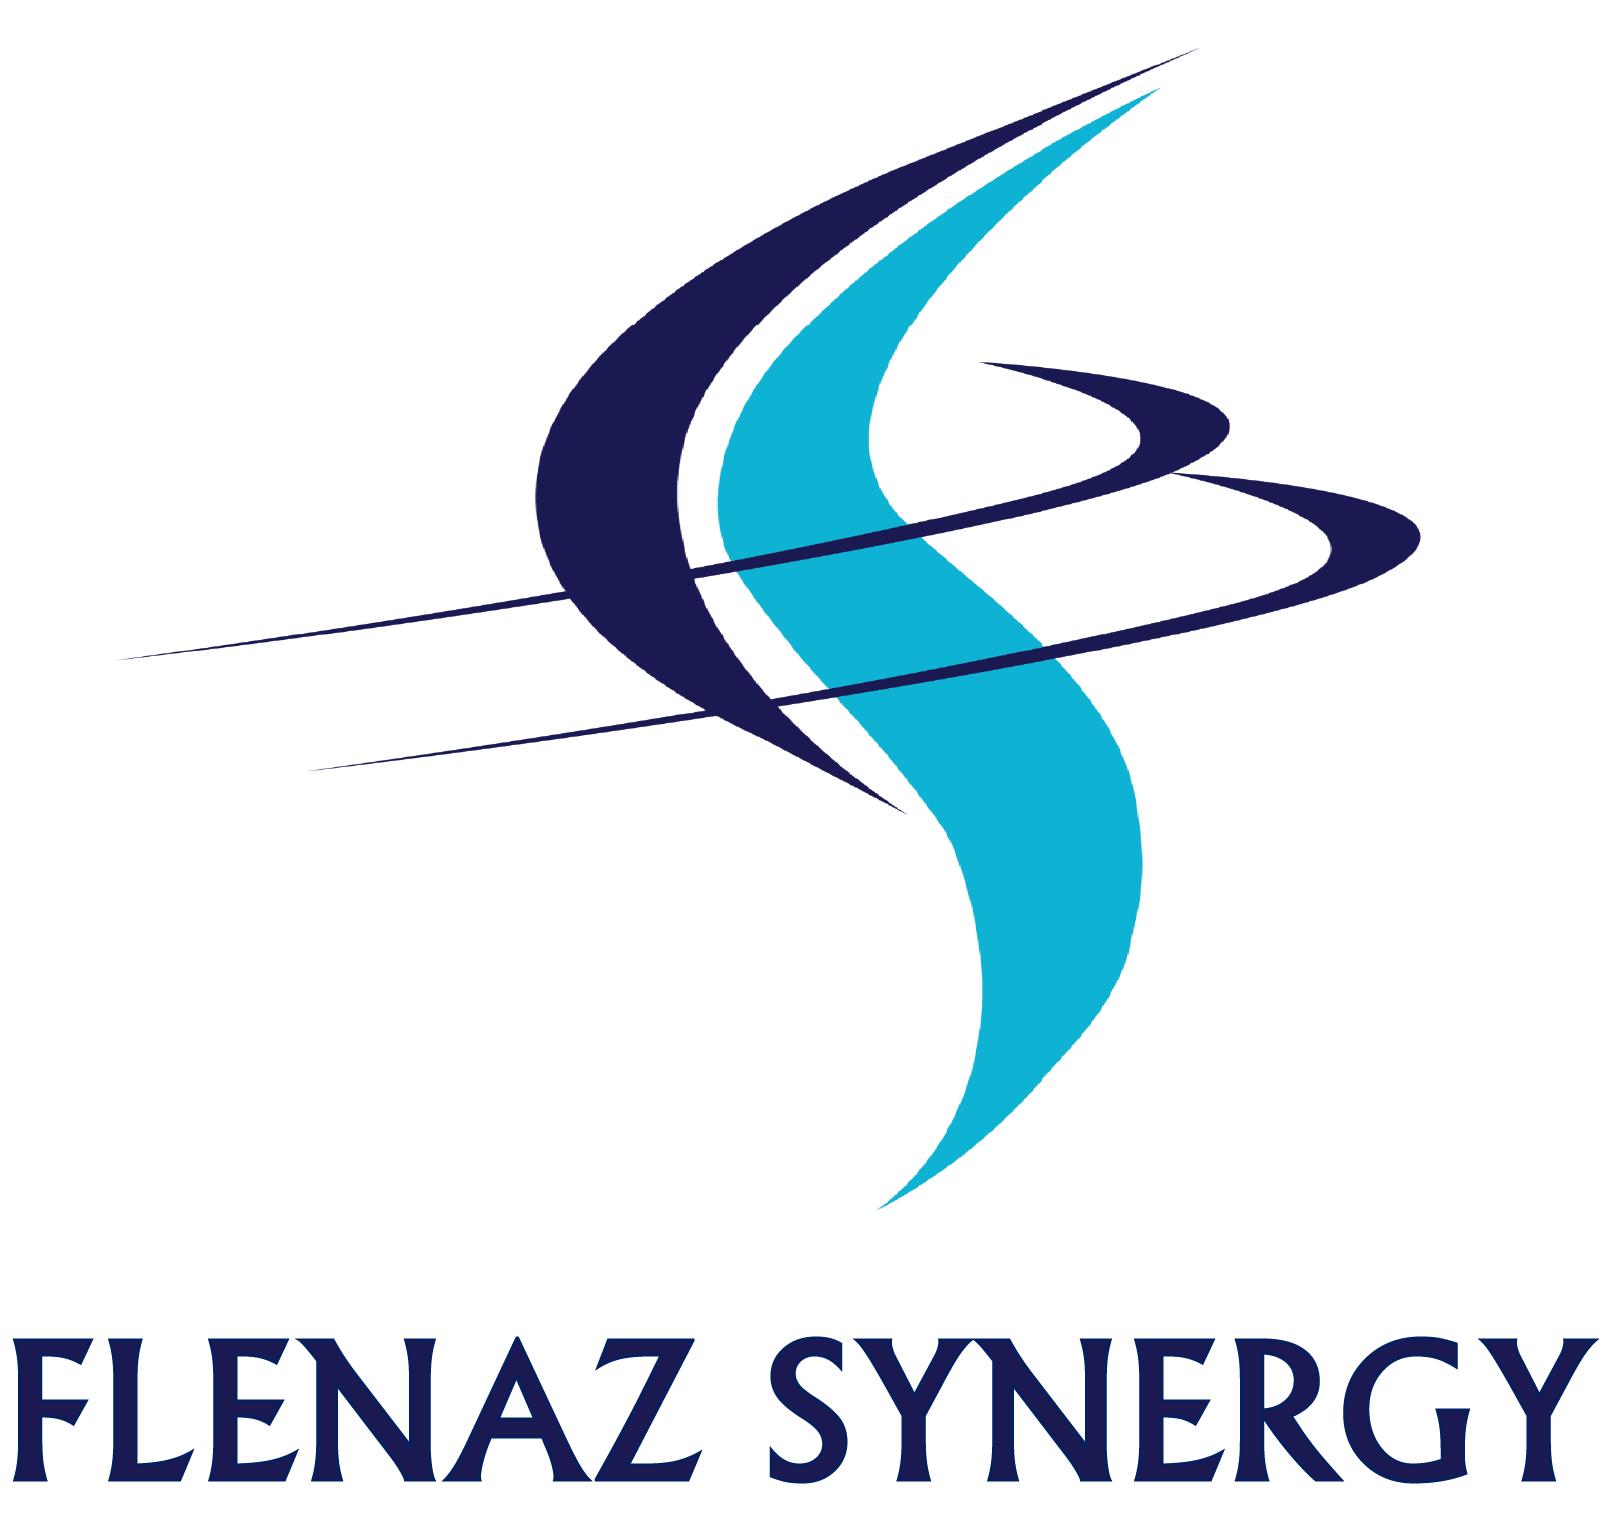 flenaz2